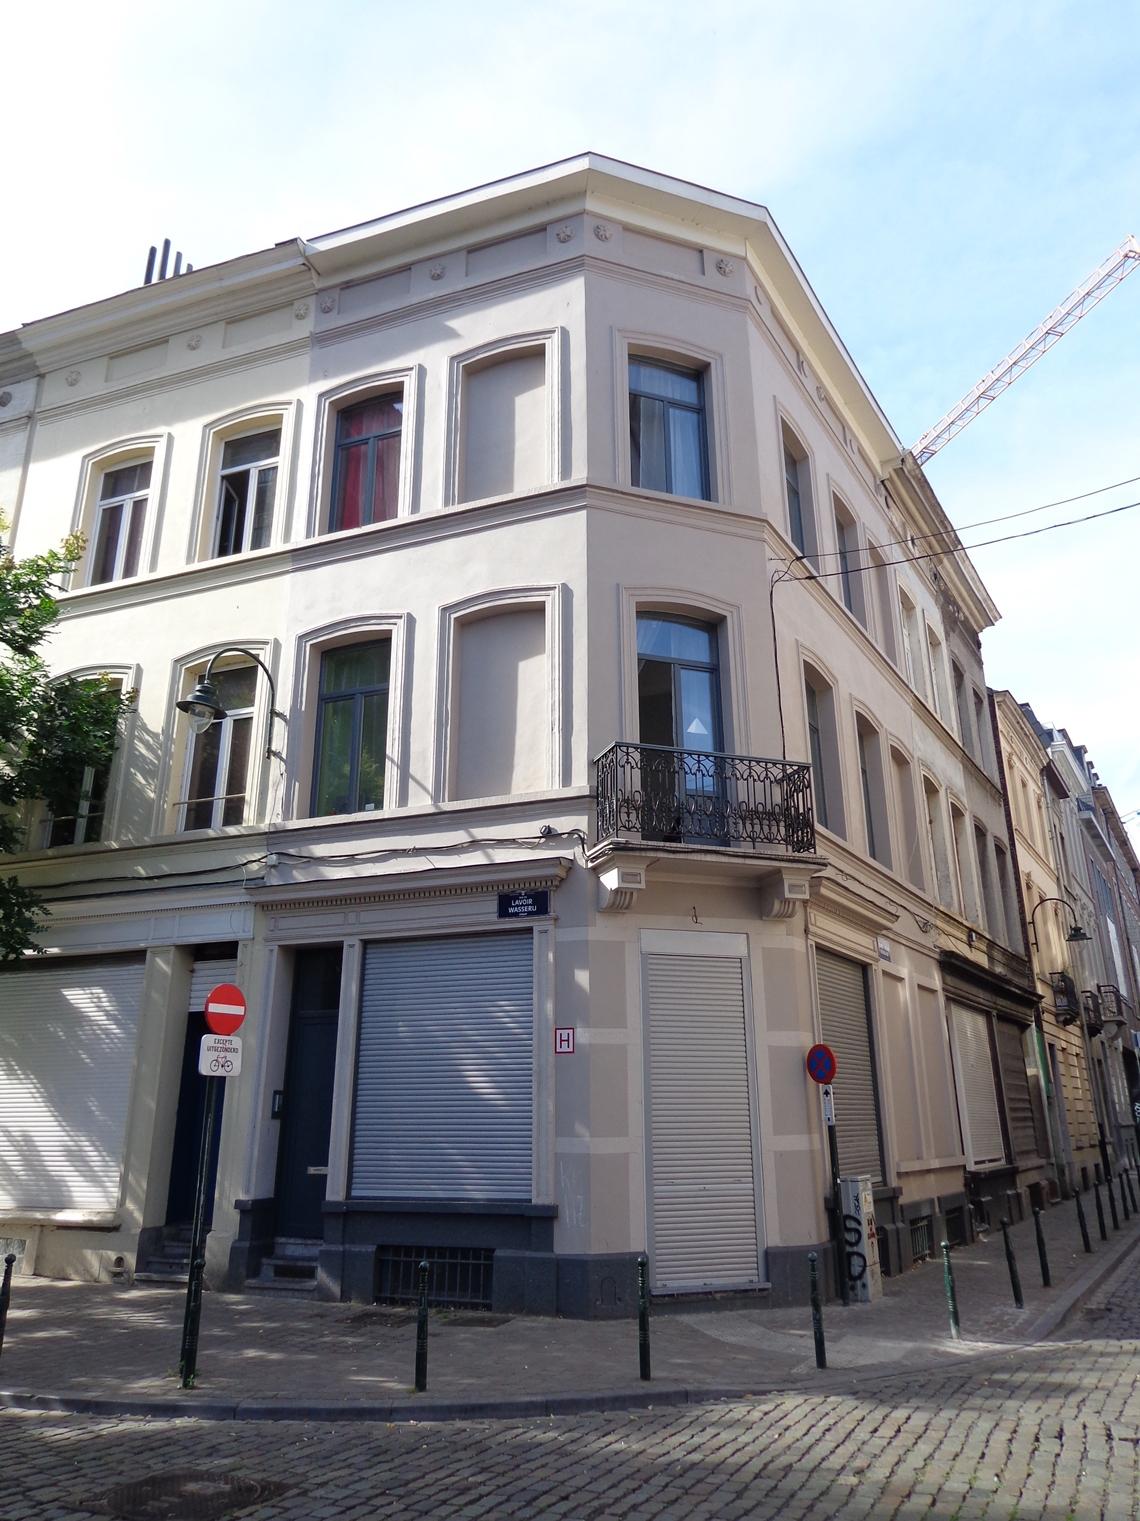 Rue du Lavoir 1-rue Terre-Neuve 180, 2015